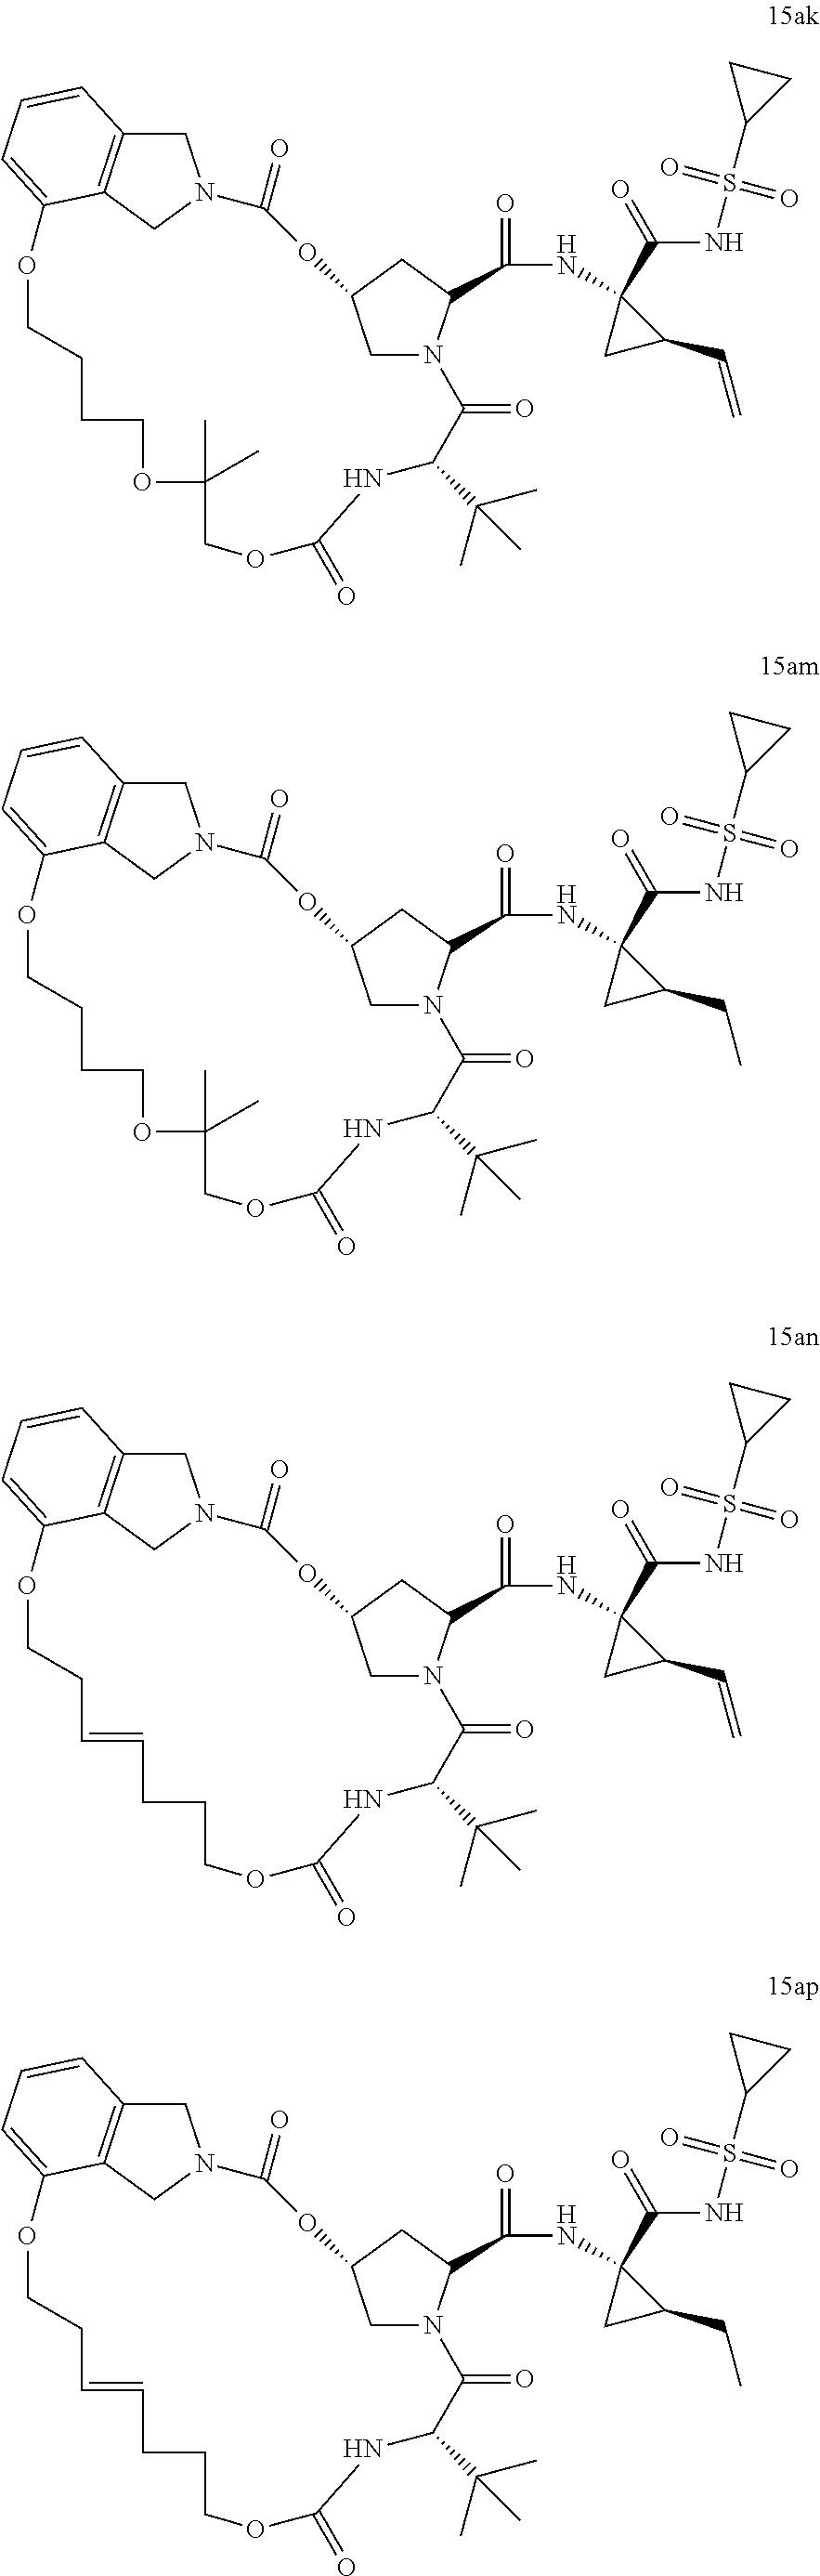 Figure US08962810-20150224-C00163